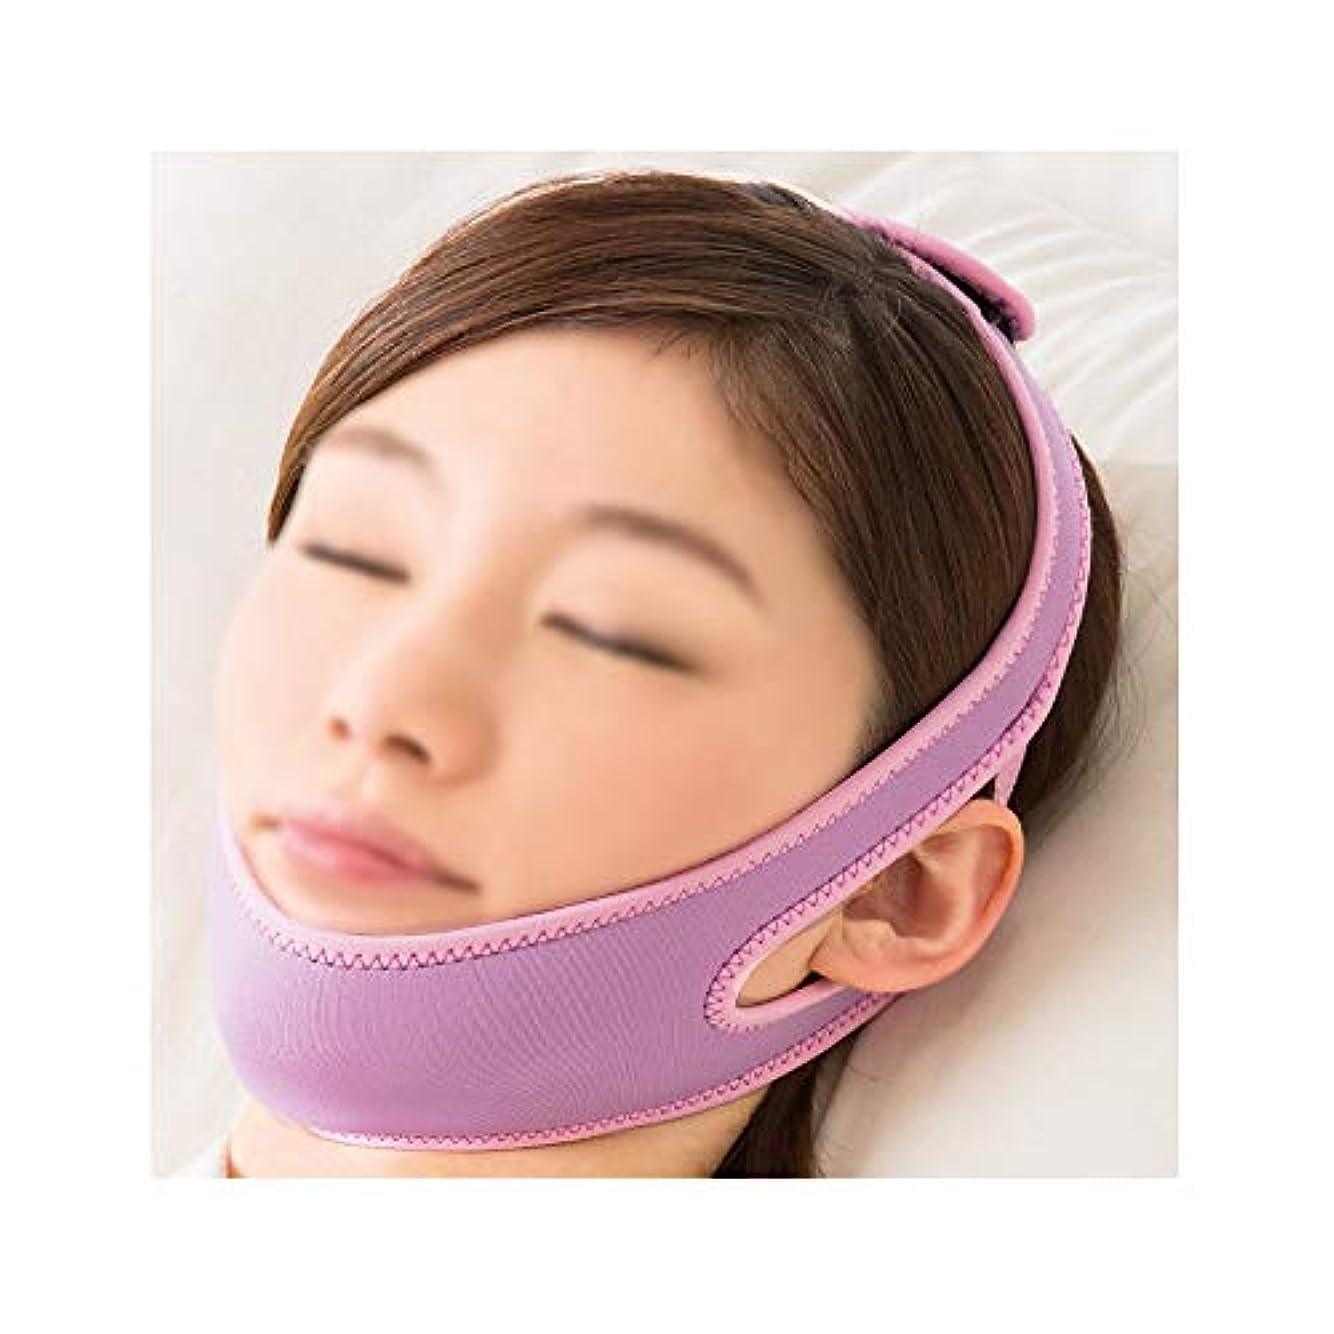 つぶやき引く思いやりのあるTLMY マスクフェイスリフトアーチファクトマスク垂れ顔小さいVフェイス包帯通気性睡眠両面あごスーツ睡眠弾性痩身ベルト 顔用整形マスク